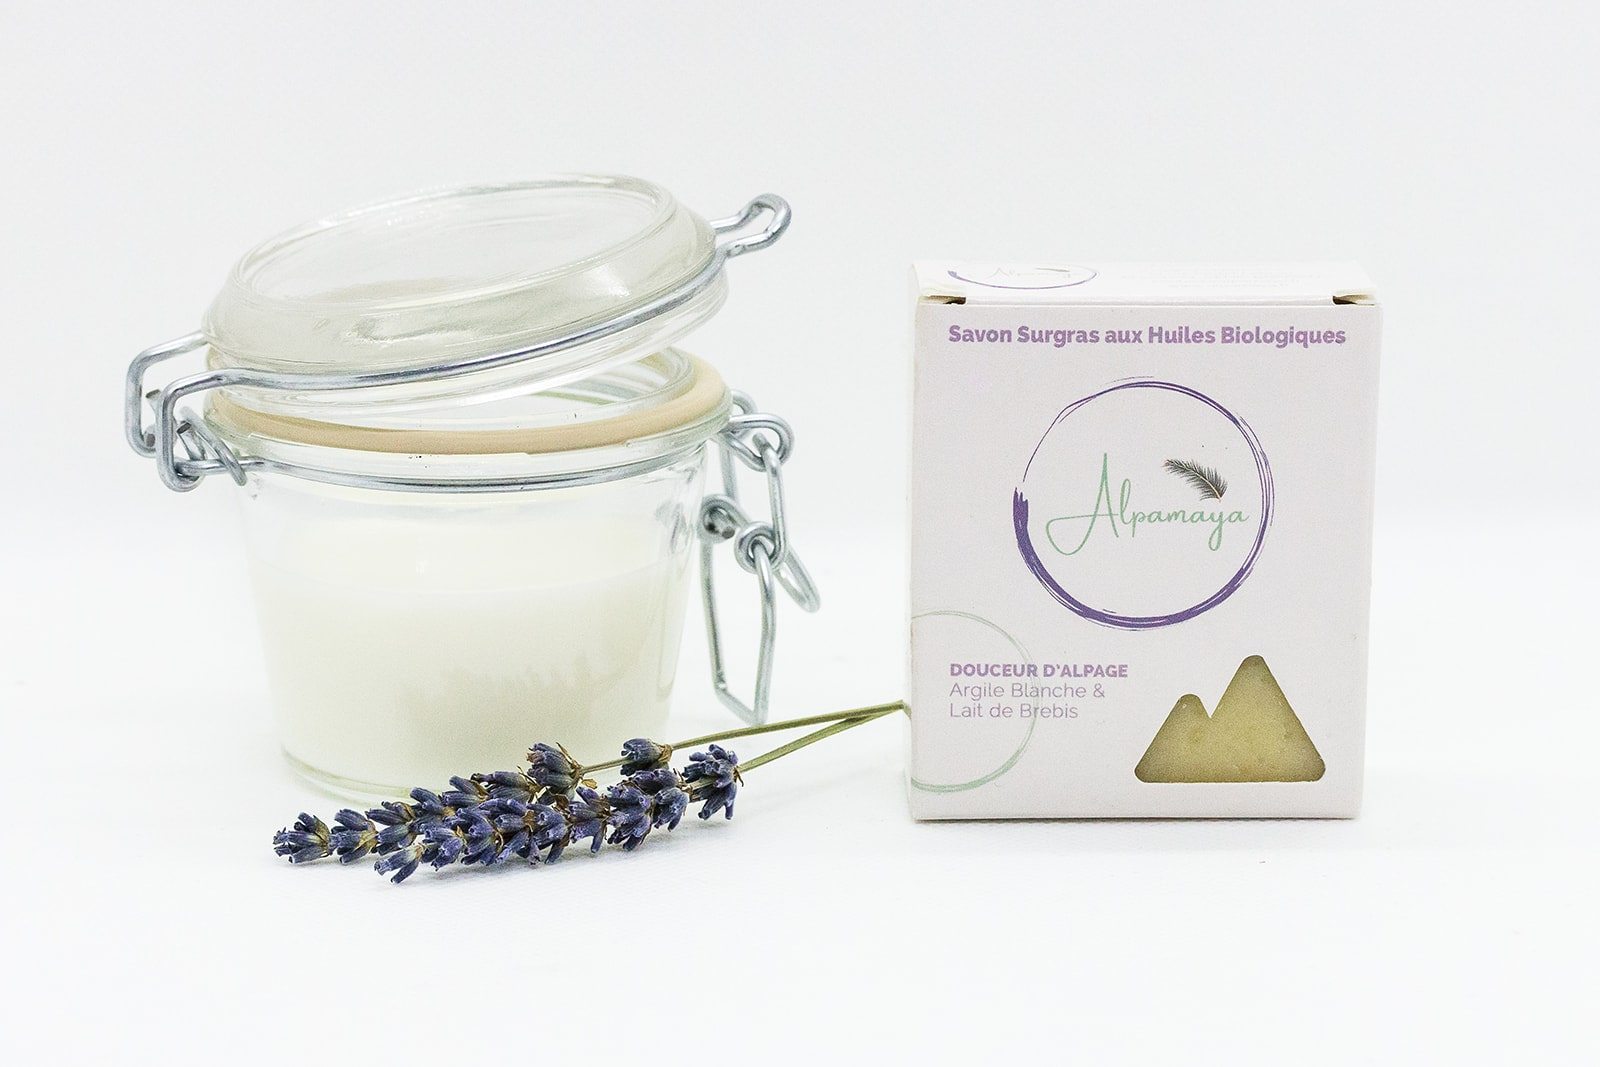 savon douceur d'alpage au lait de brebis